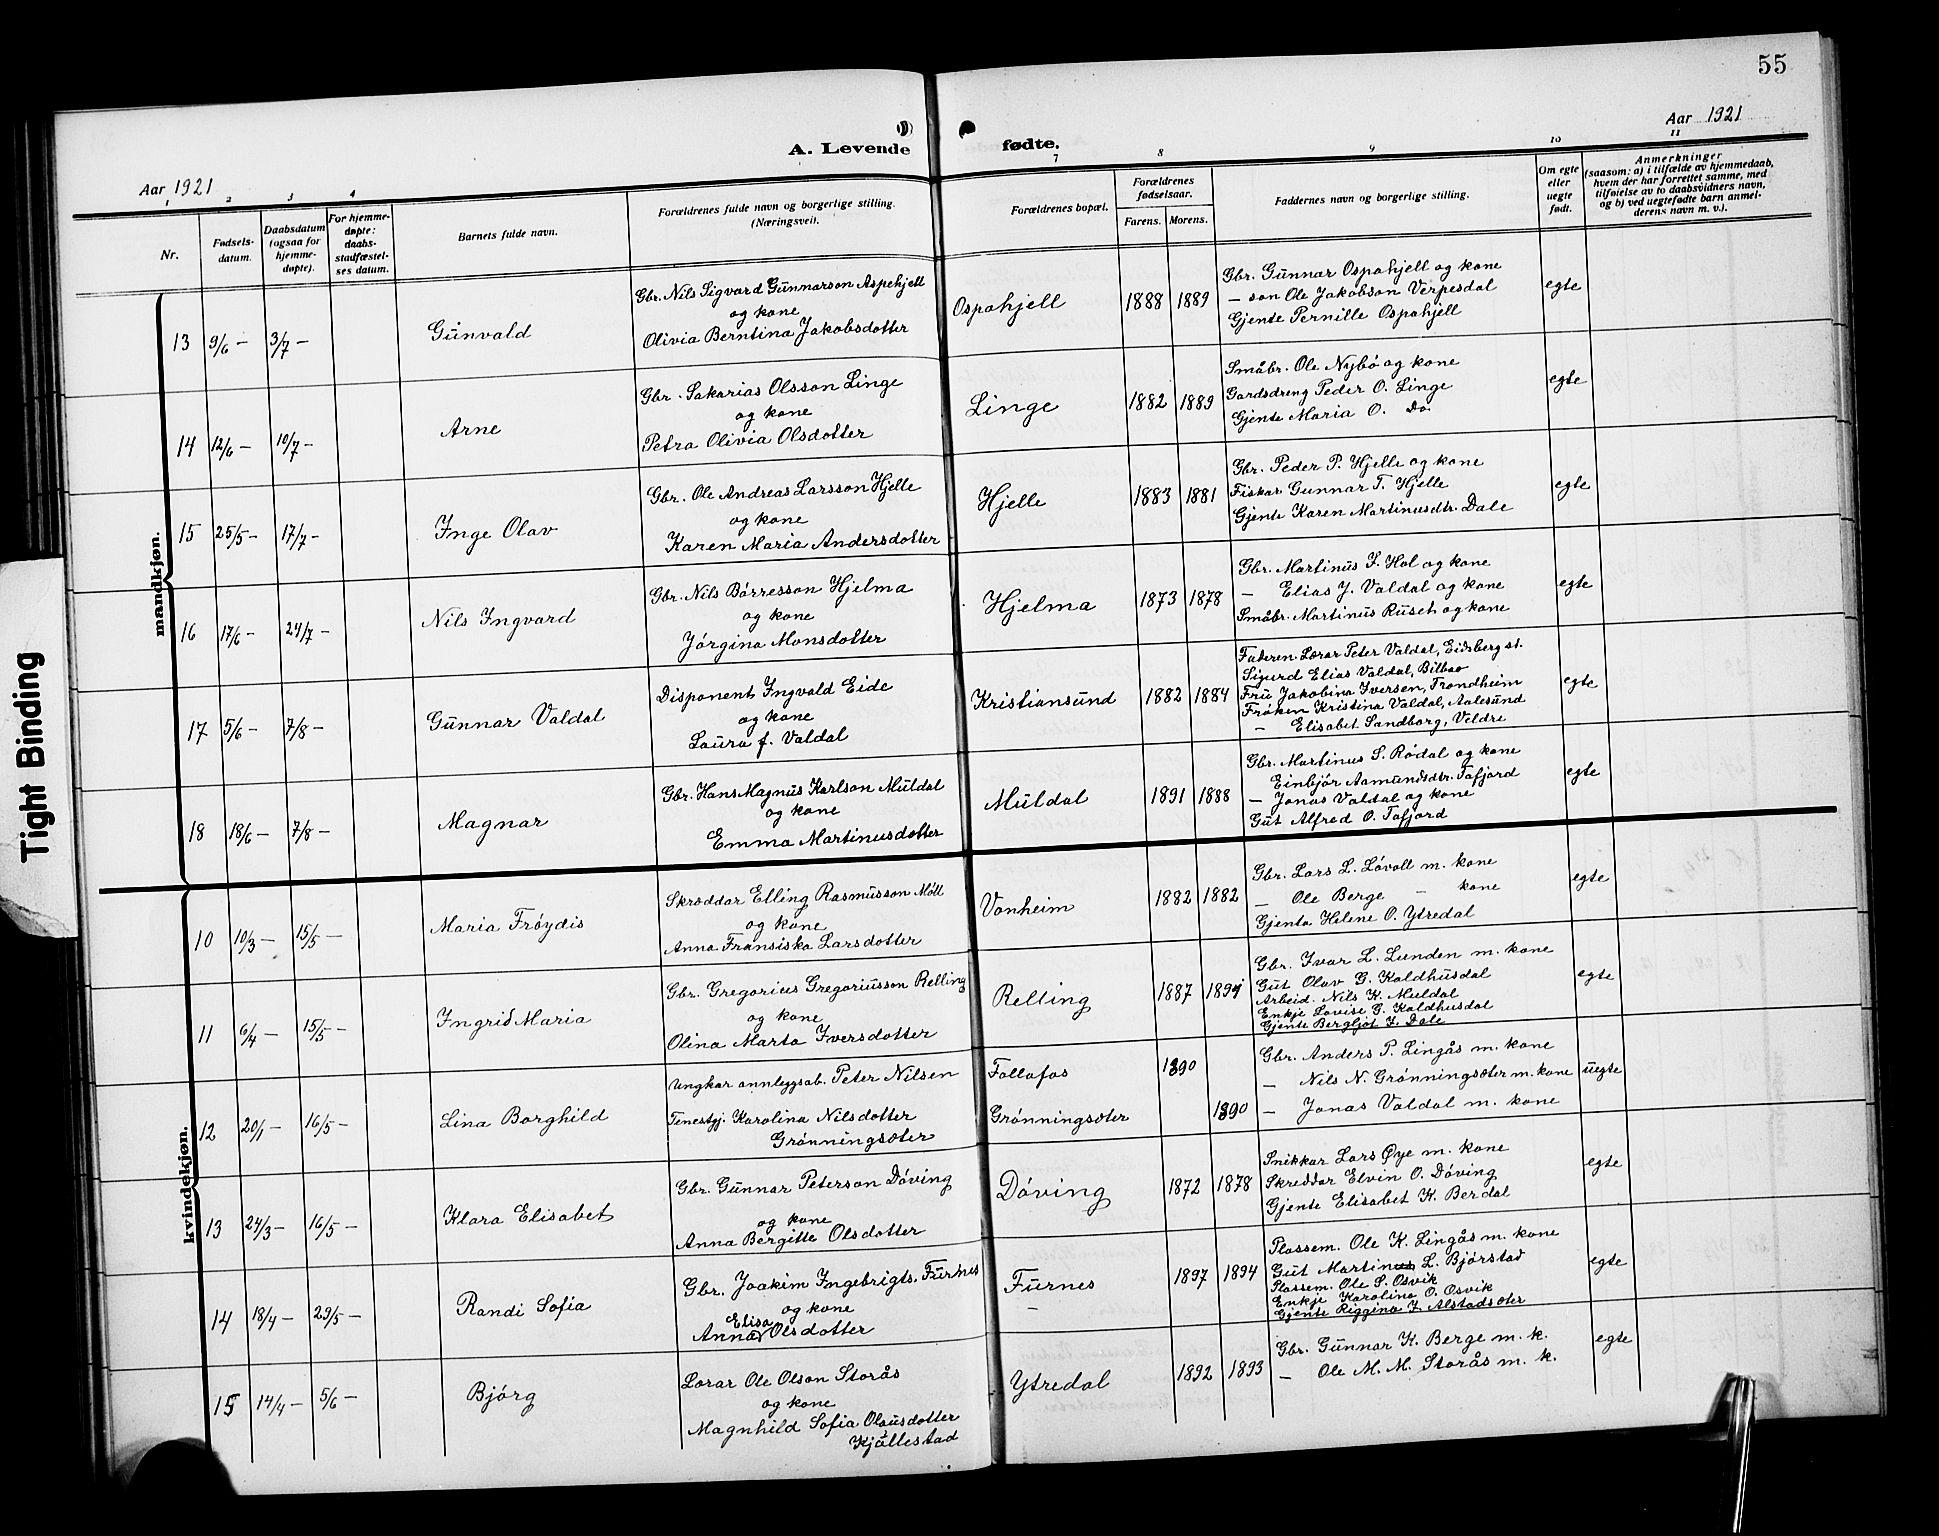 SAT, Ministerialprotokoller, klokkerbøker og fødselsregistre - Møre og Romsdal, 519/L0265: Klokkerbok nr. 519C06, 1911-1921, s. 55